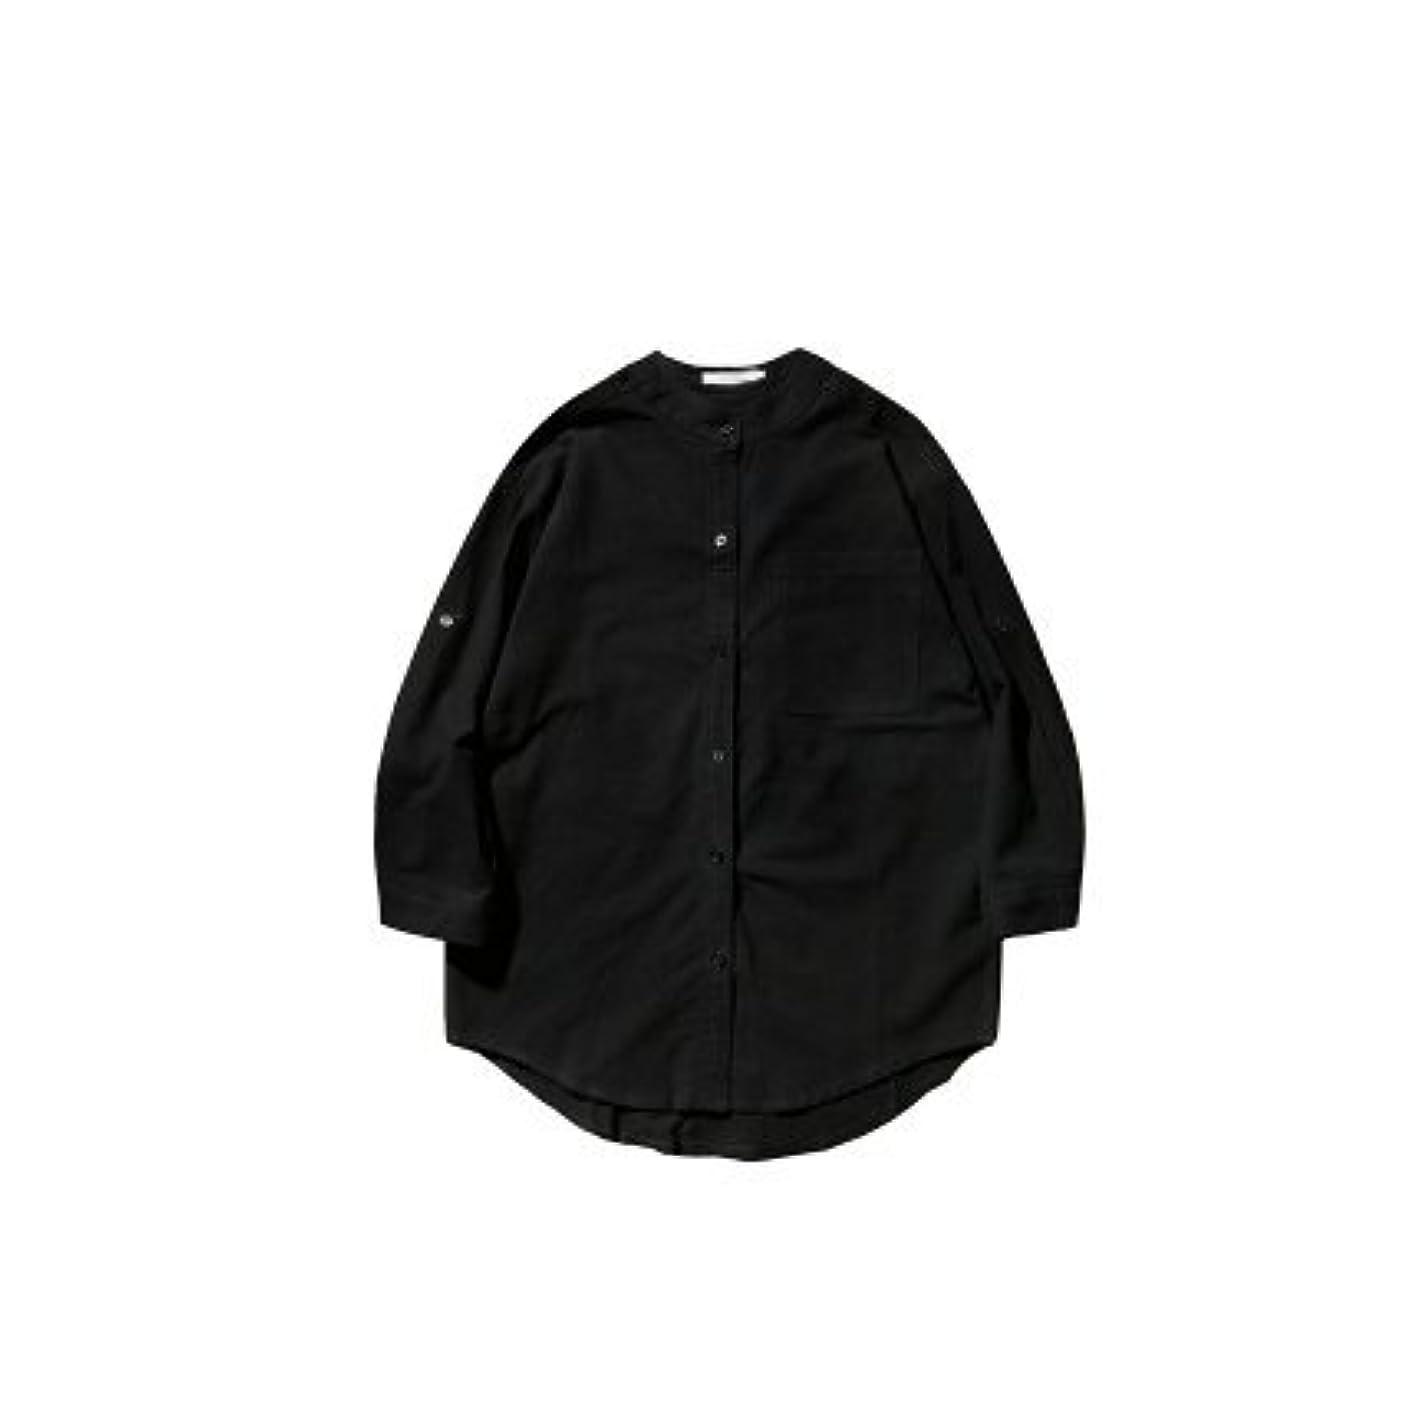 モンスター退屈させる推進力(初見 Hatsumi)メンズ 上着 シャツ トップス 通気性 冷房対策 七分袖  復古 着回し 純色 薄手 立ち襟 全4色 ポリエステル S~3XLサイズ展開 ポケット